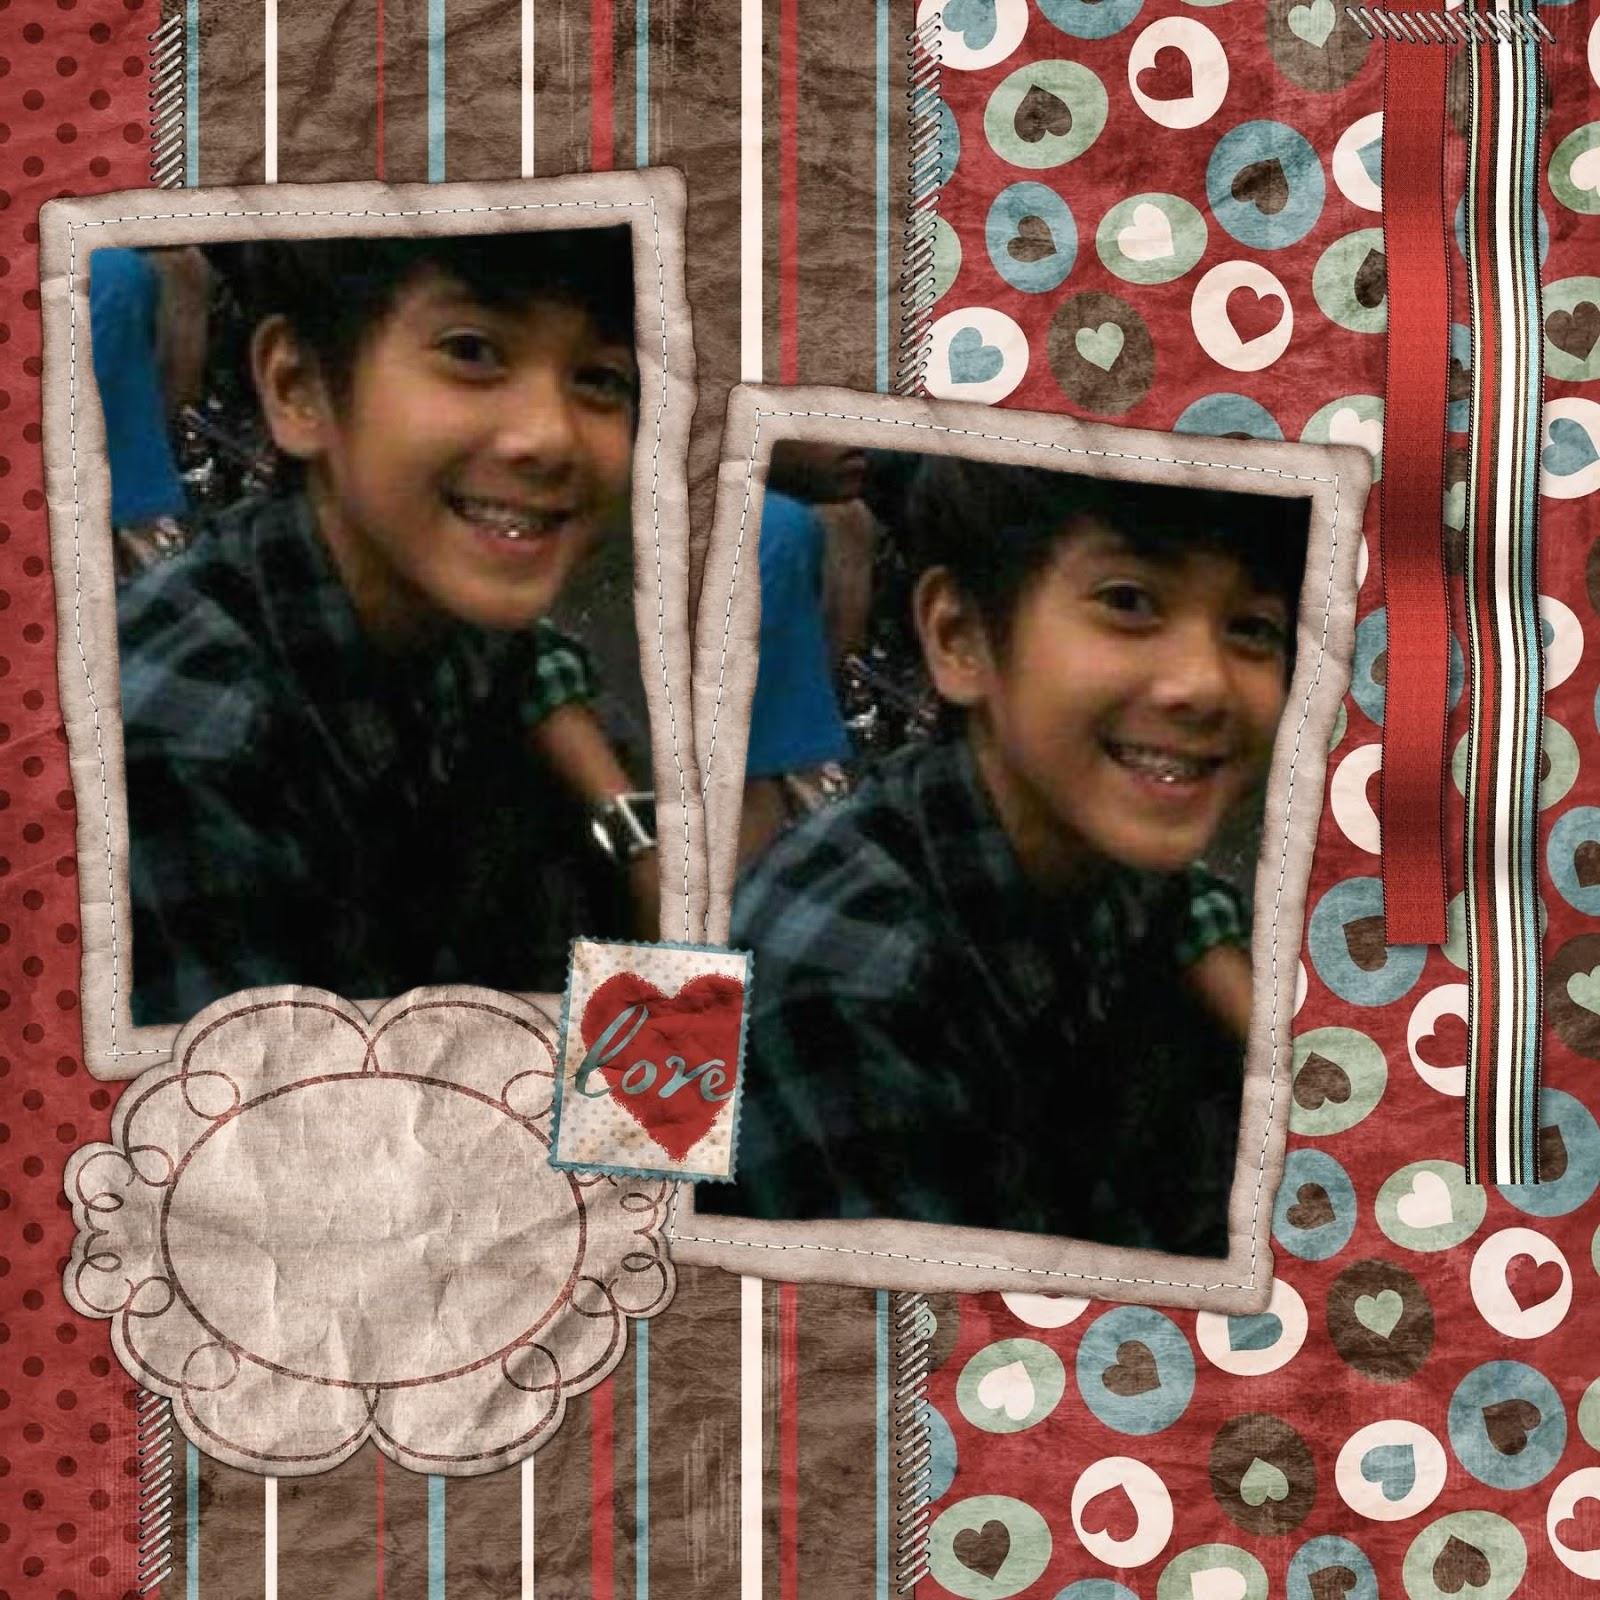 foto iqbal terbaru Gambar Foto Iqbal Coboy Junior Terbaru